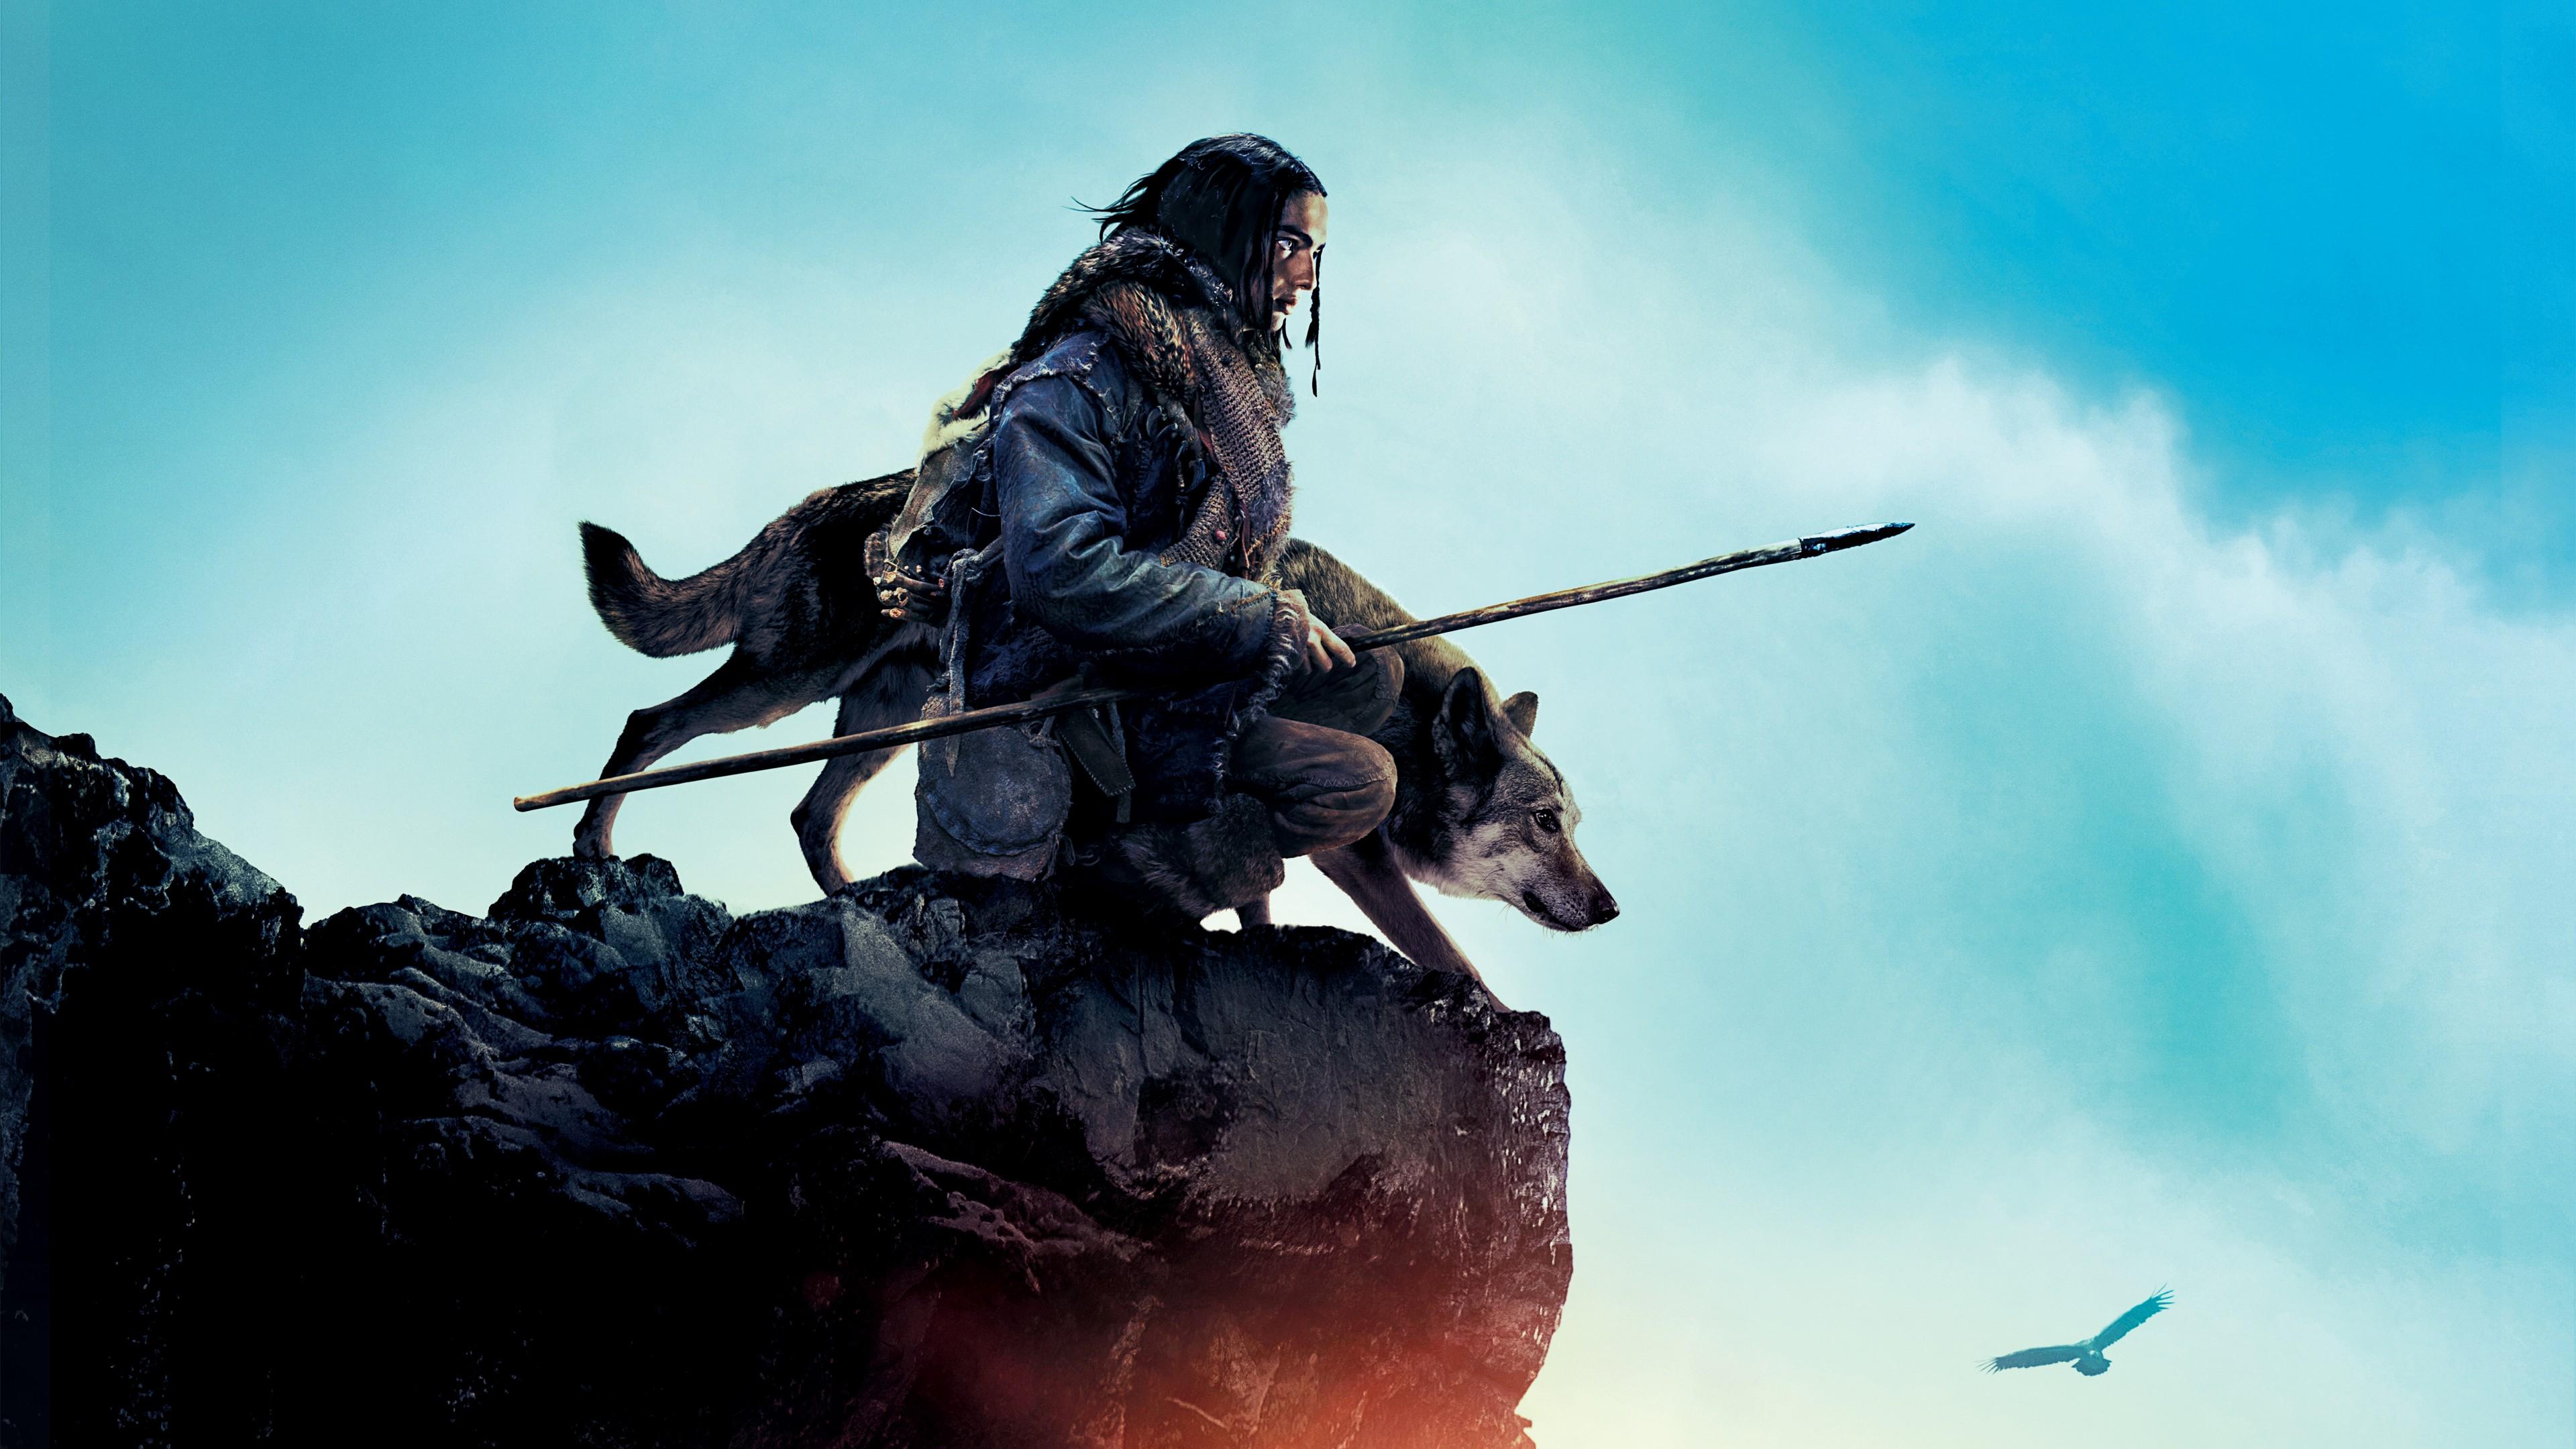 Охотник с собакой на вершине скалистого обрыва